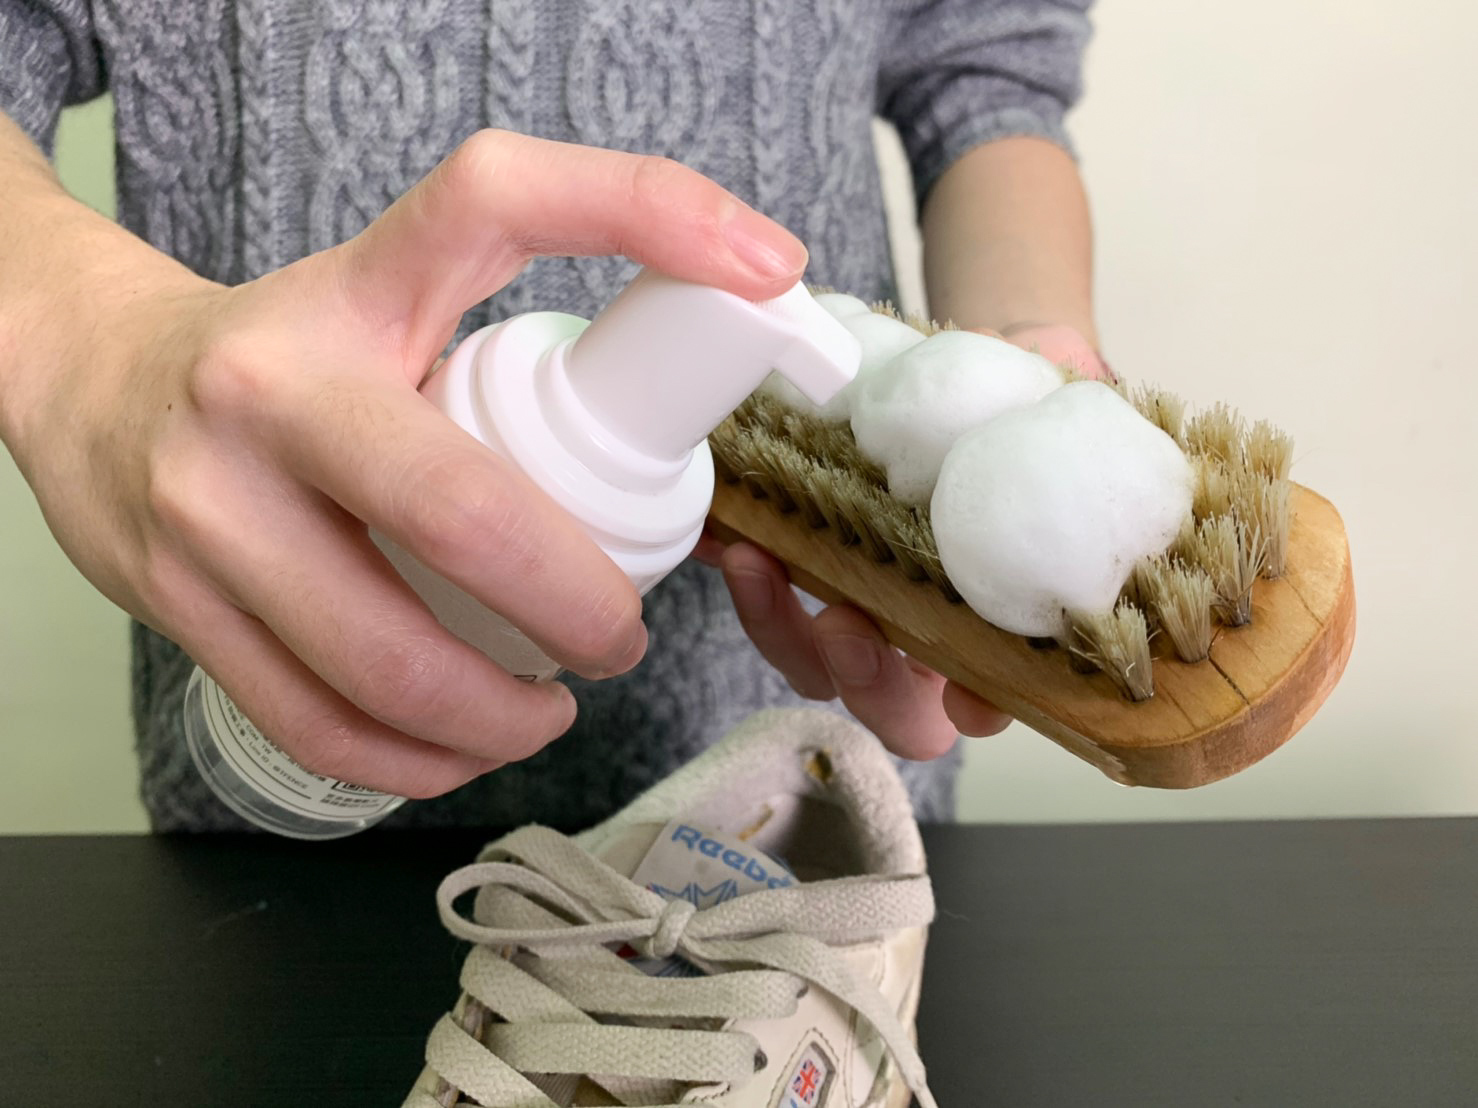 洗鞋劑擠壓出泡沫於鬃毛刷上